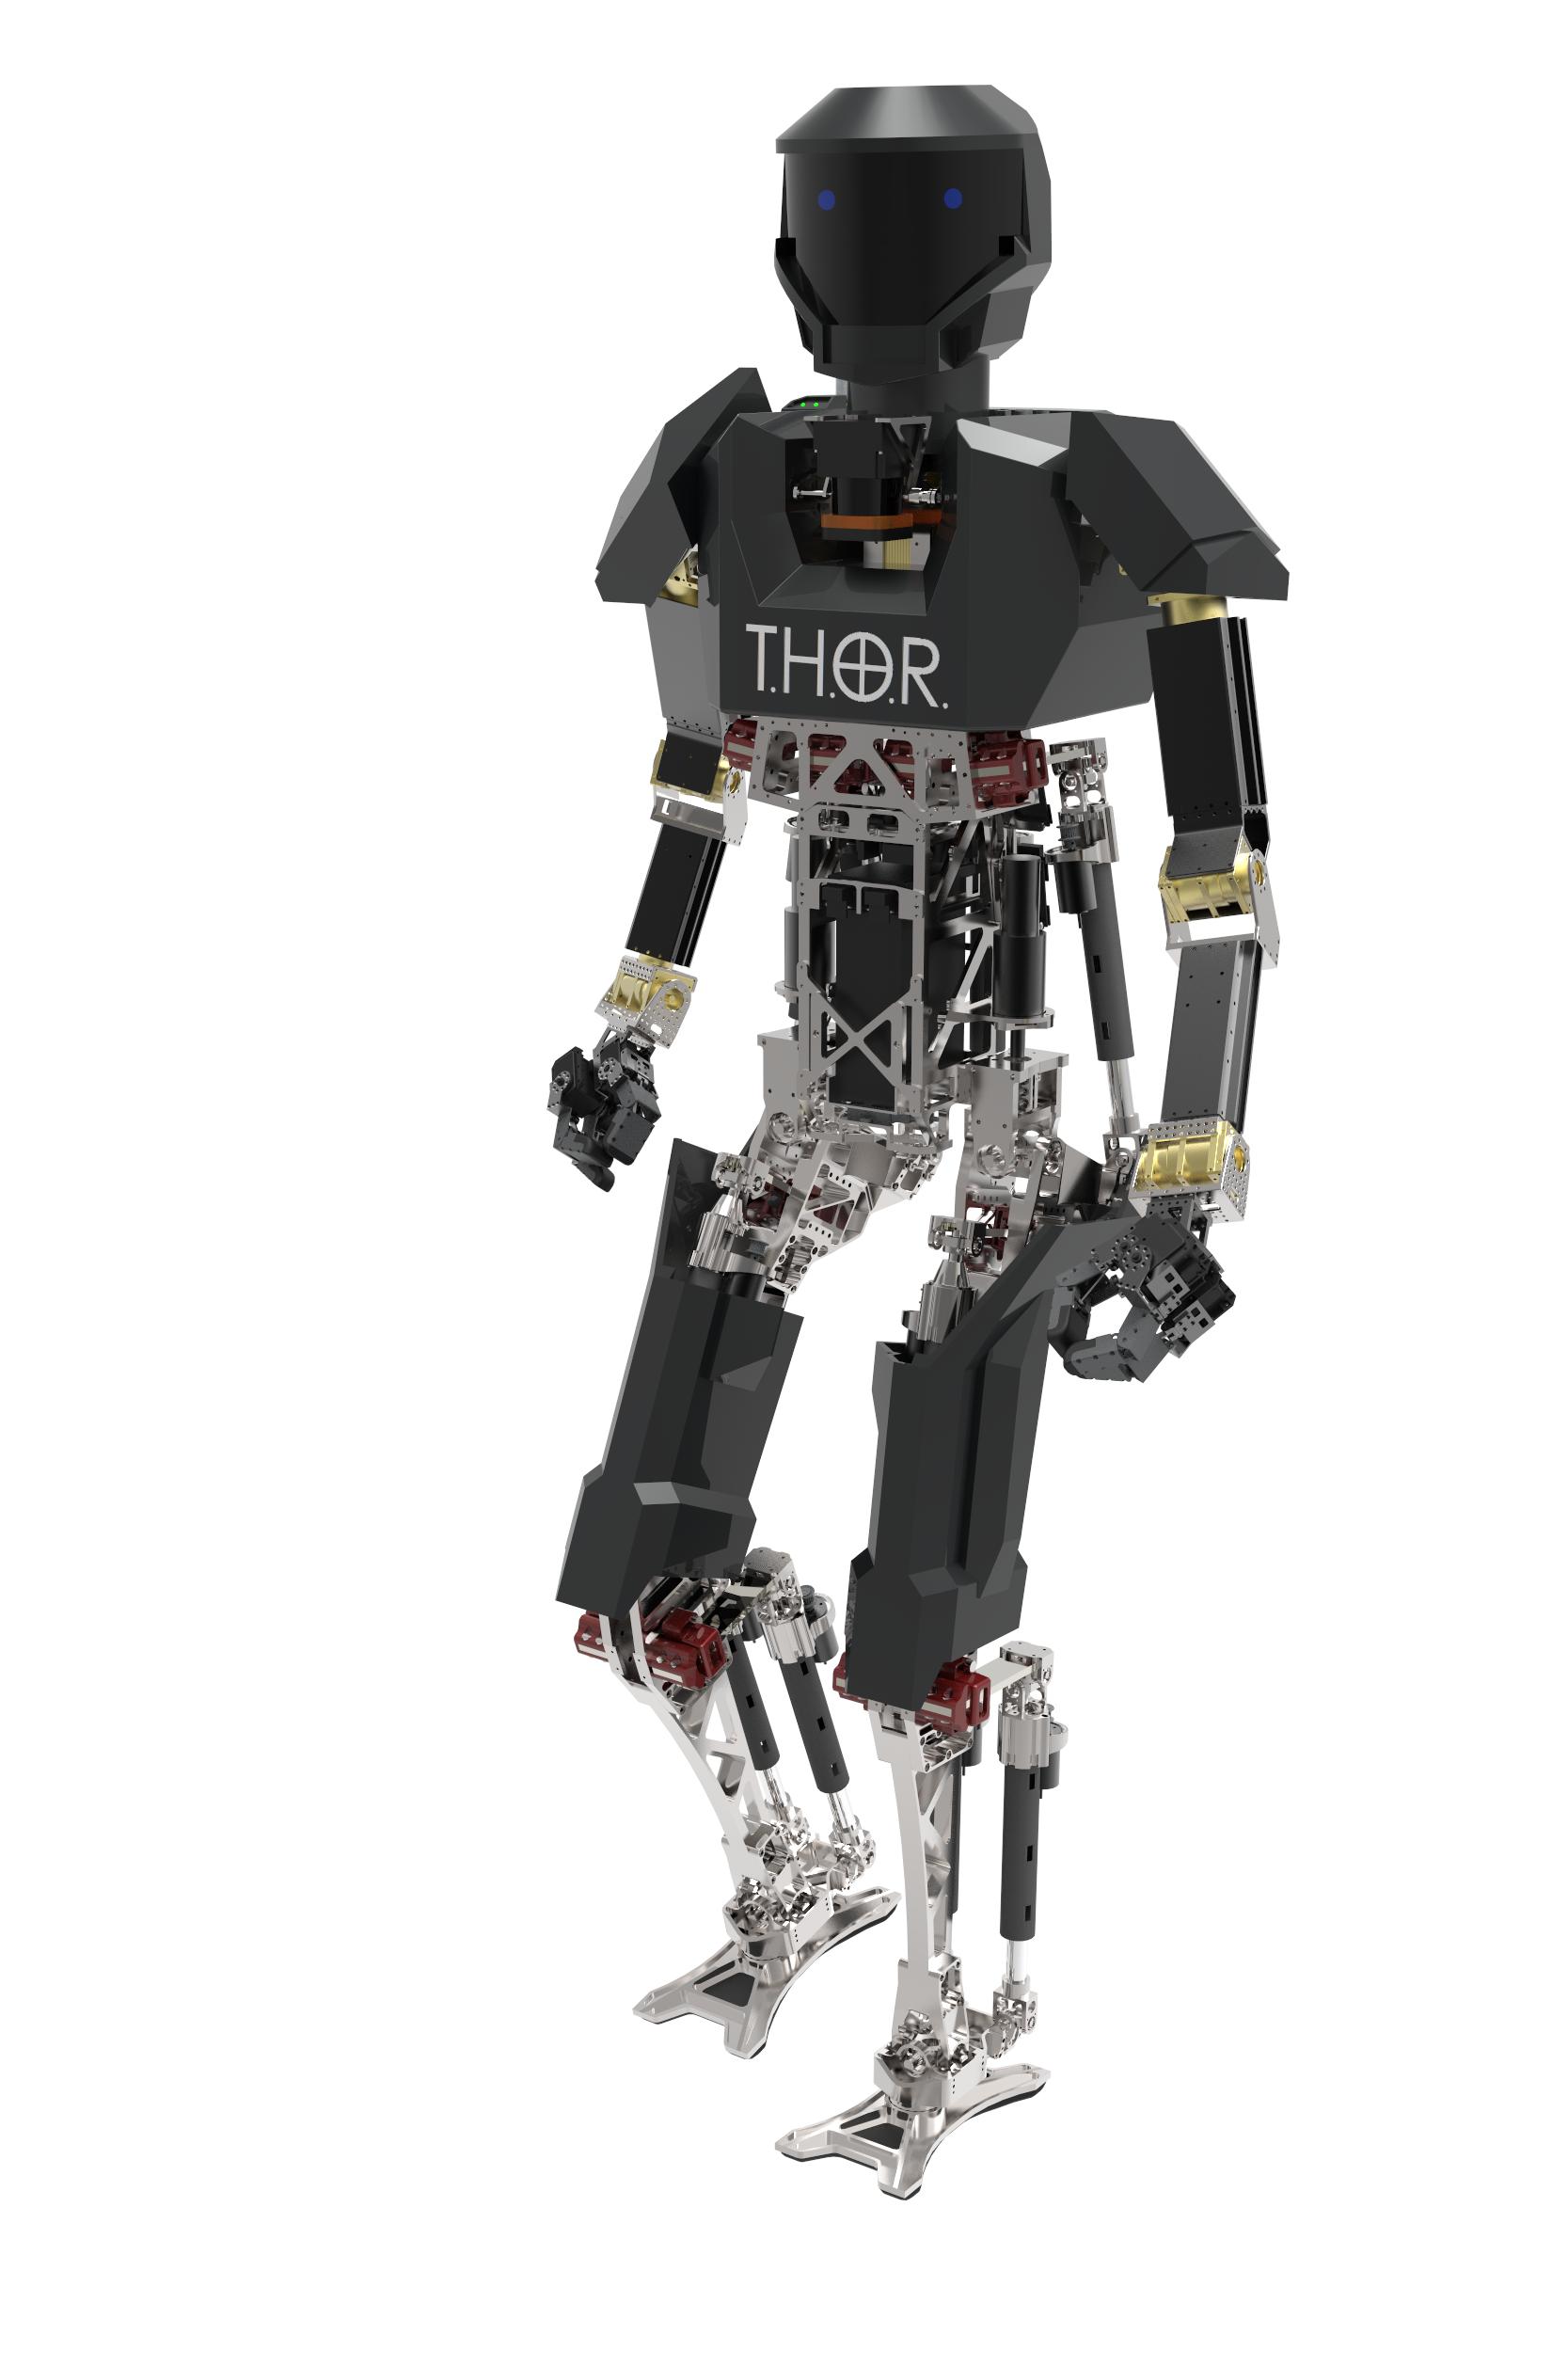 Virginia Tech's THOR robot